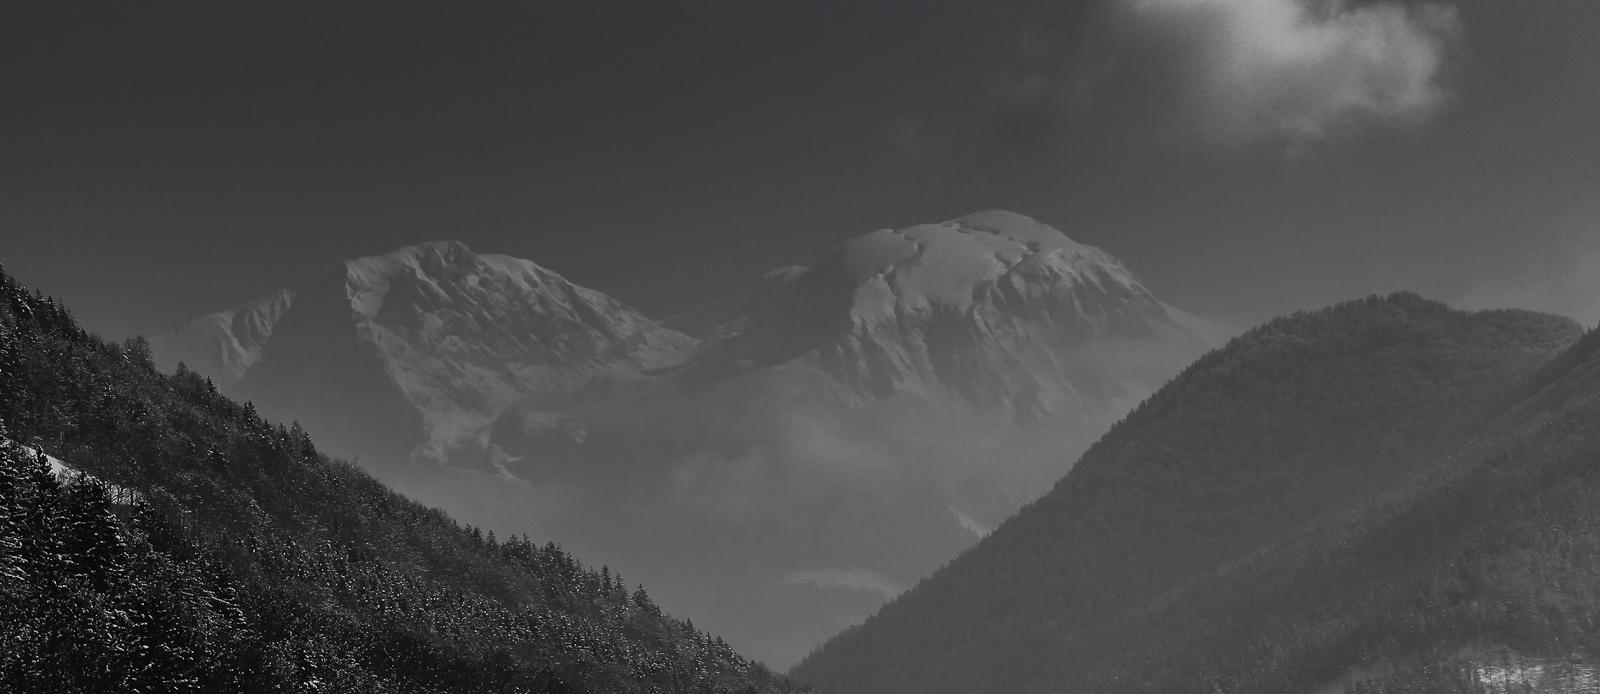 Matterhorn?